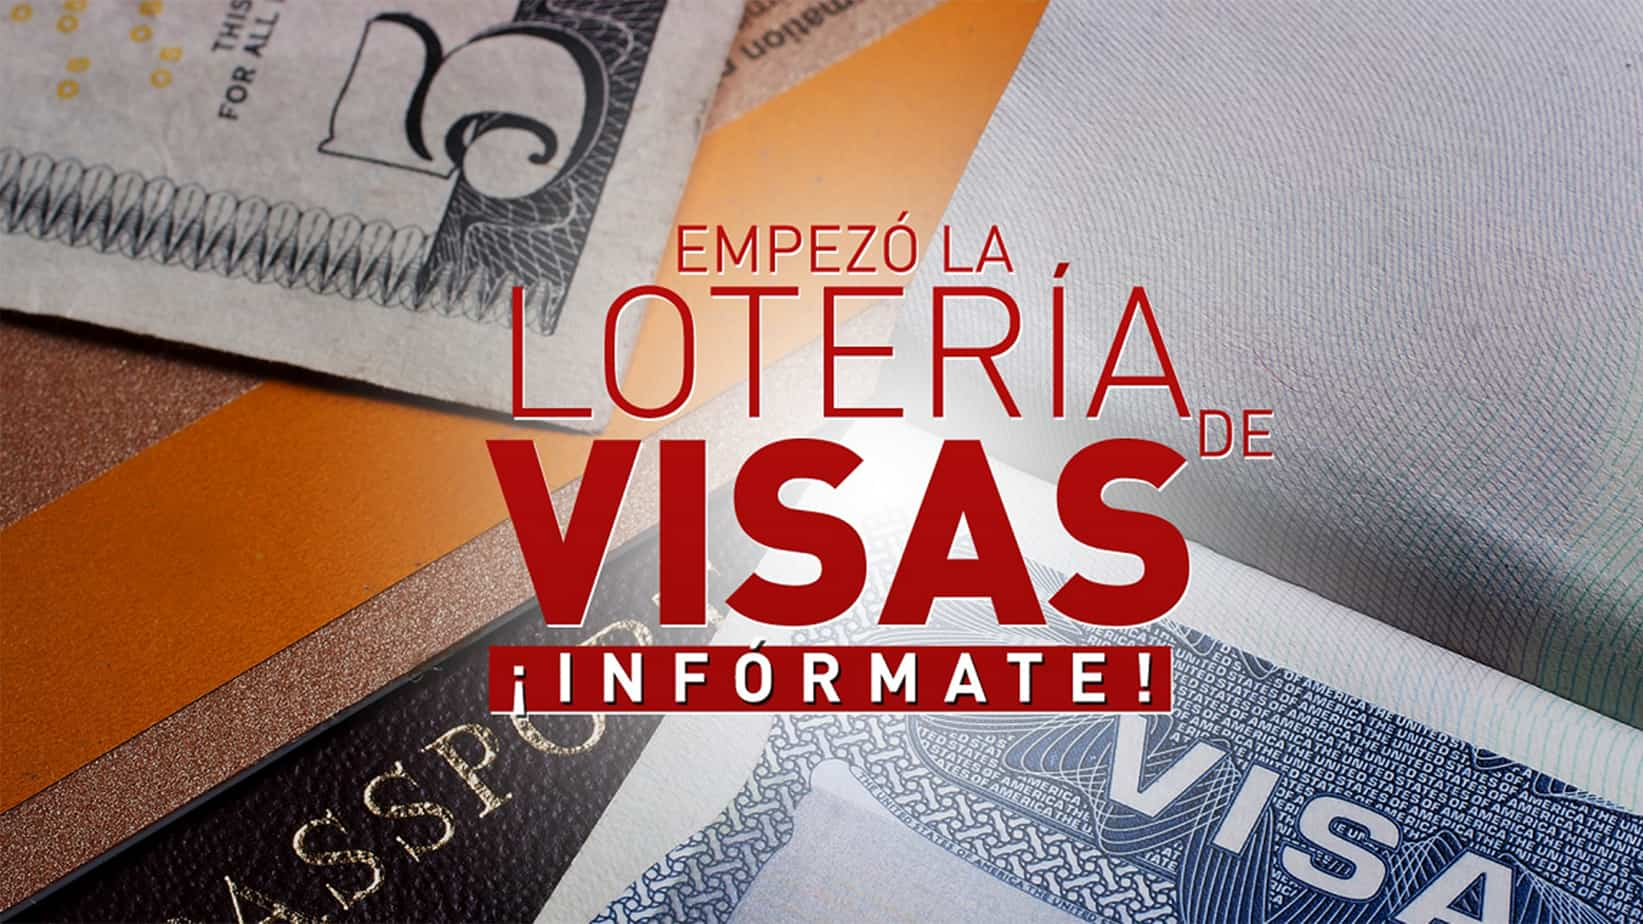 Estados Unidos anuncia apertura de lotería de visas del 2019 y Cuba está en la lista